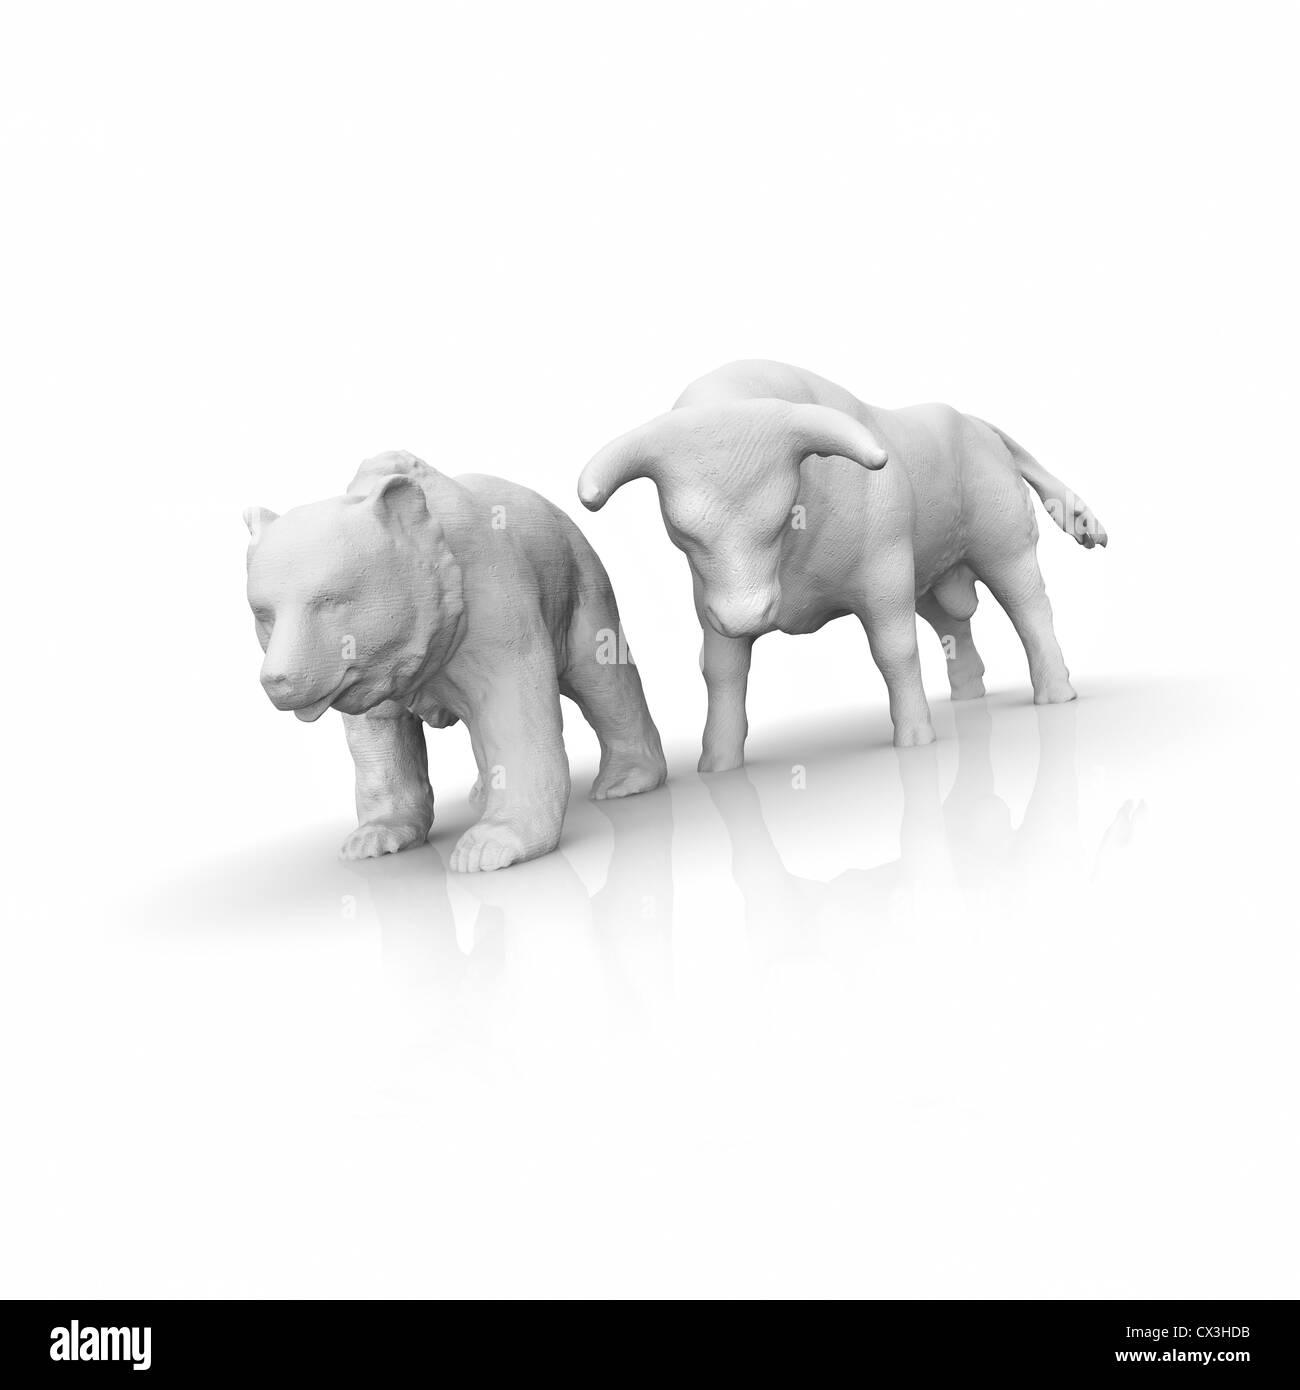 Börse, Bulle und Bär auf weissem Hintergrund - stock exchange, bull, bear - Stock Image